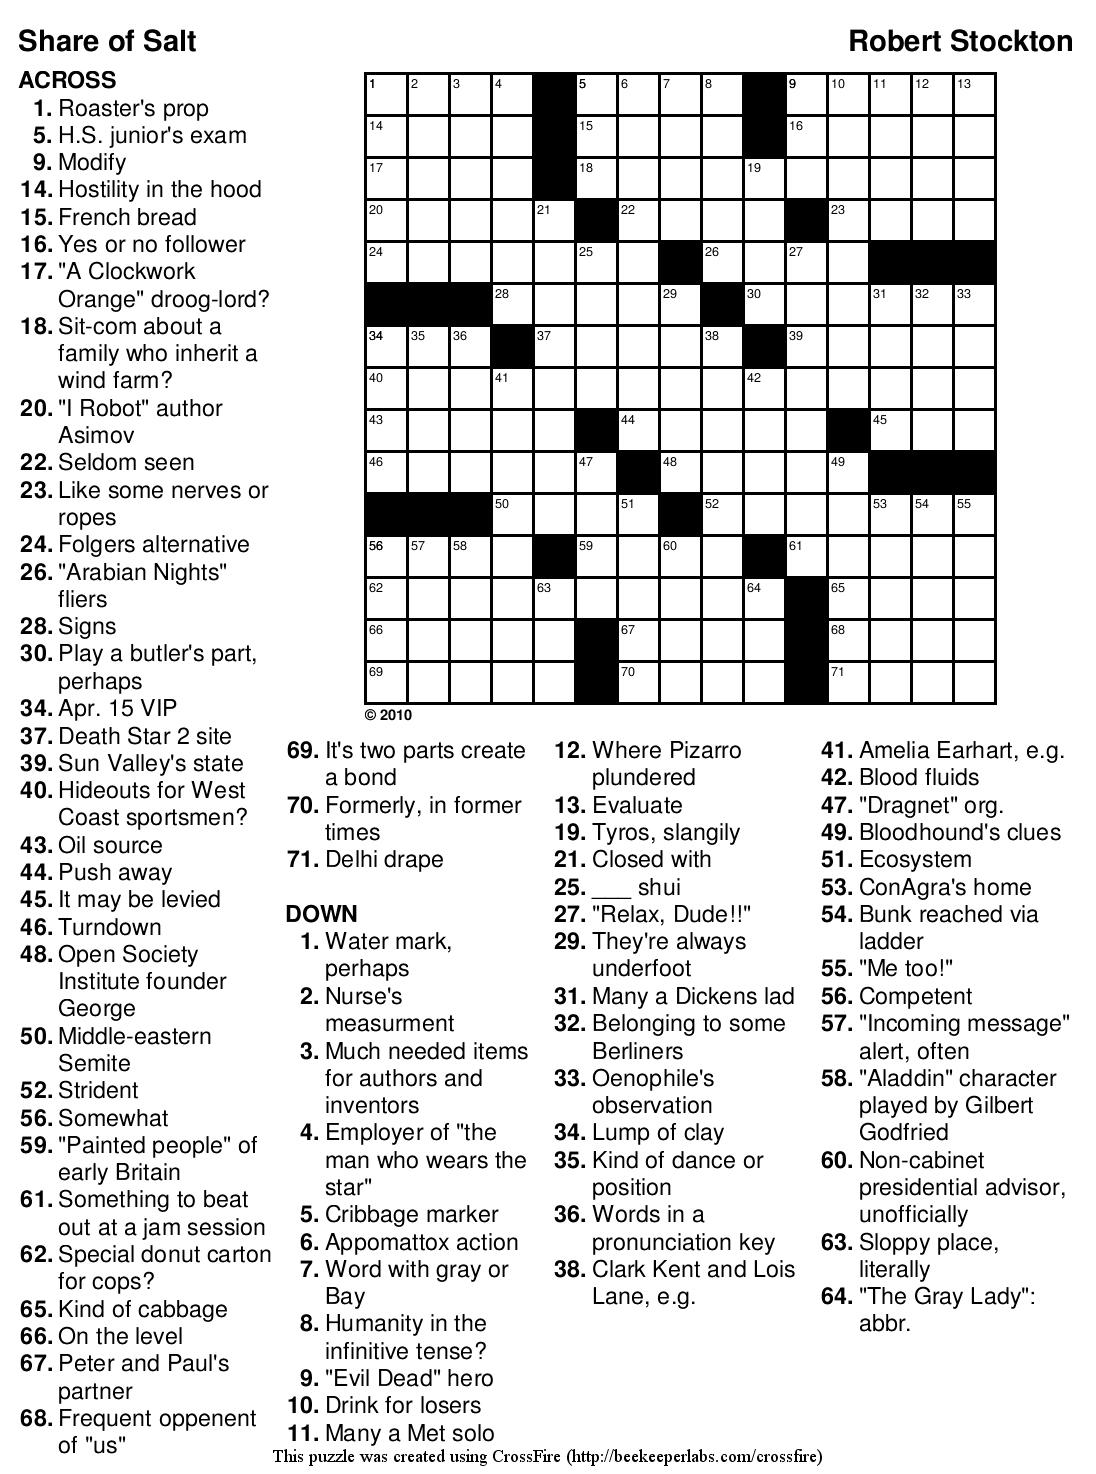 Beekeeper Crosswords - Printable Crossword Puzzles 2010